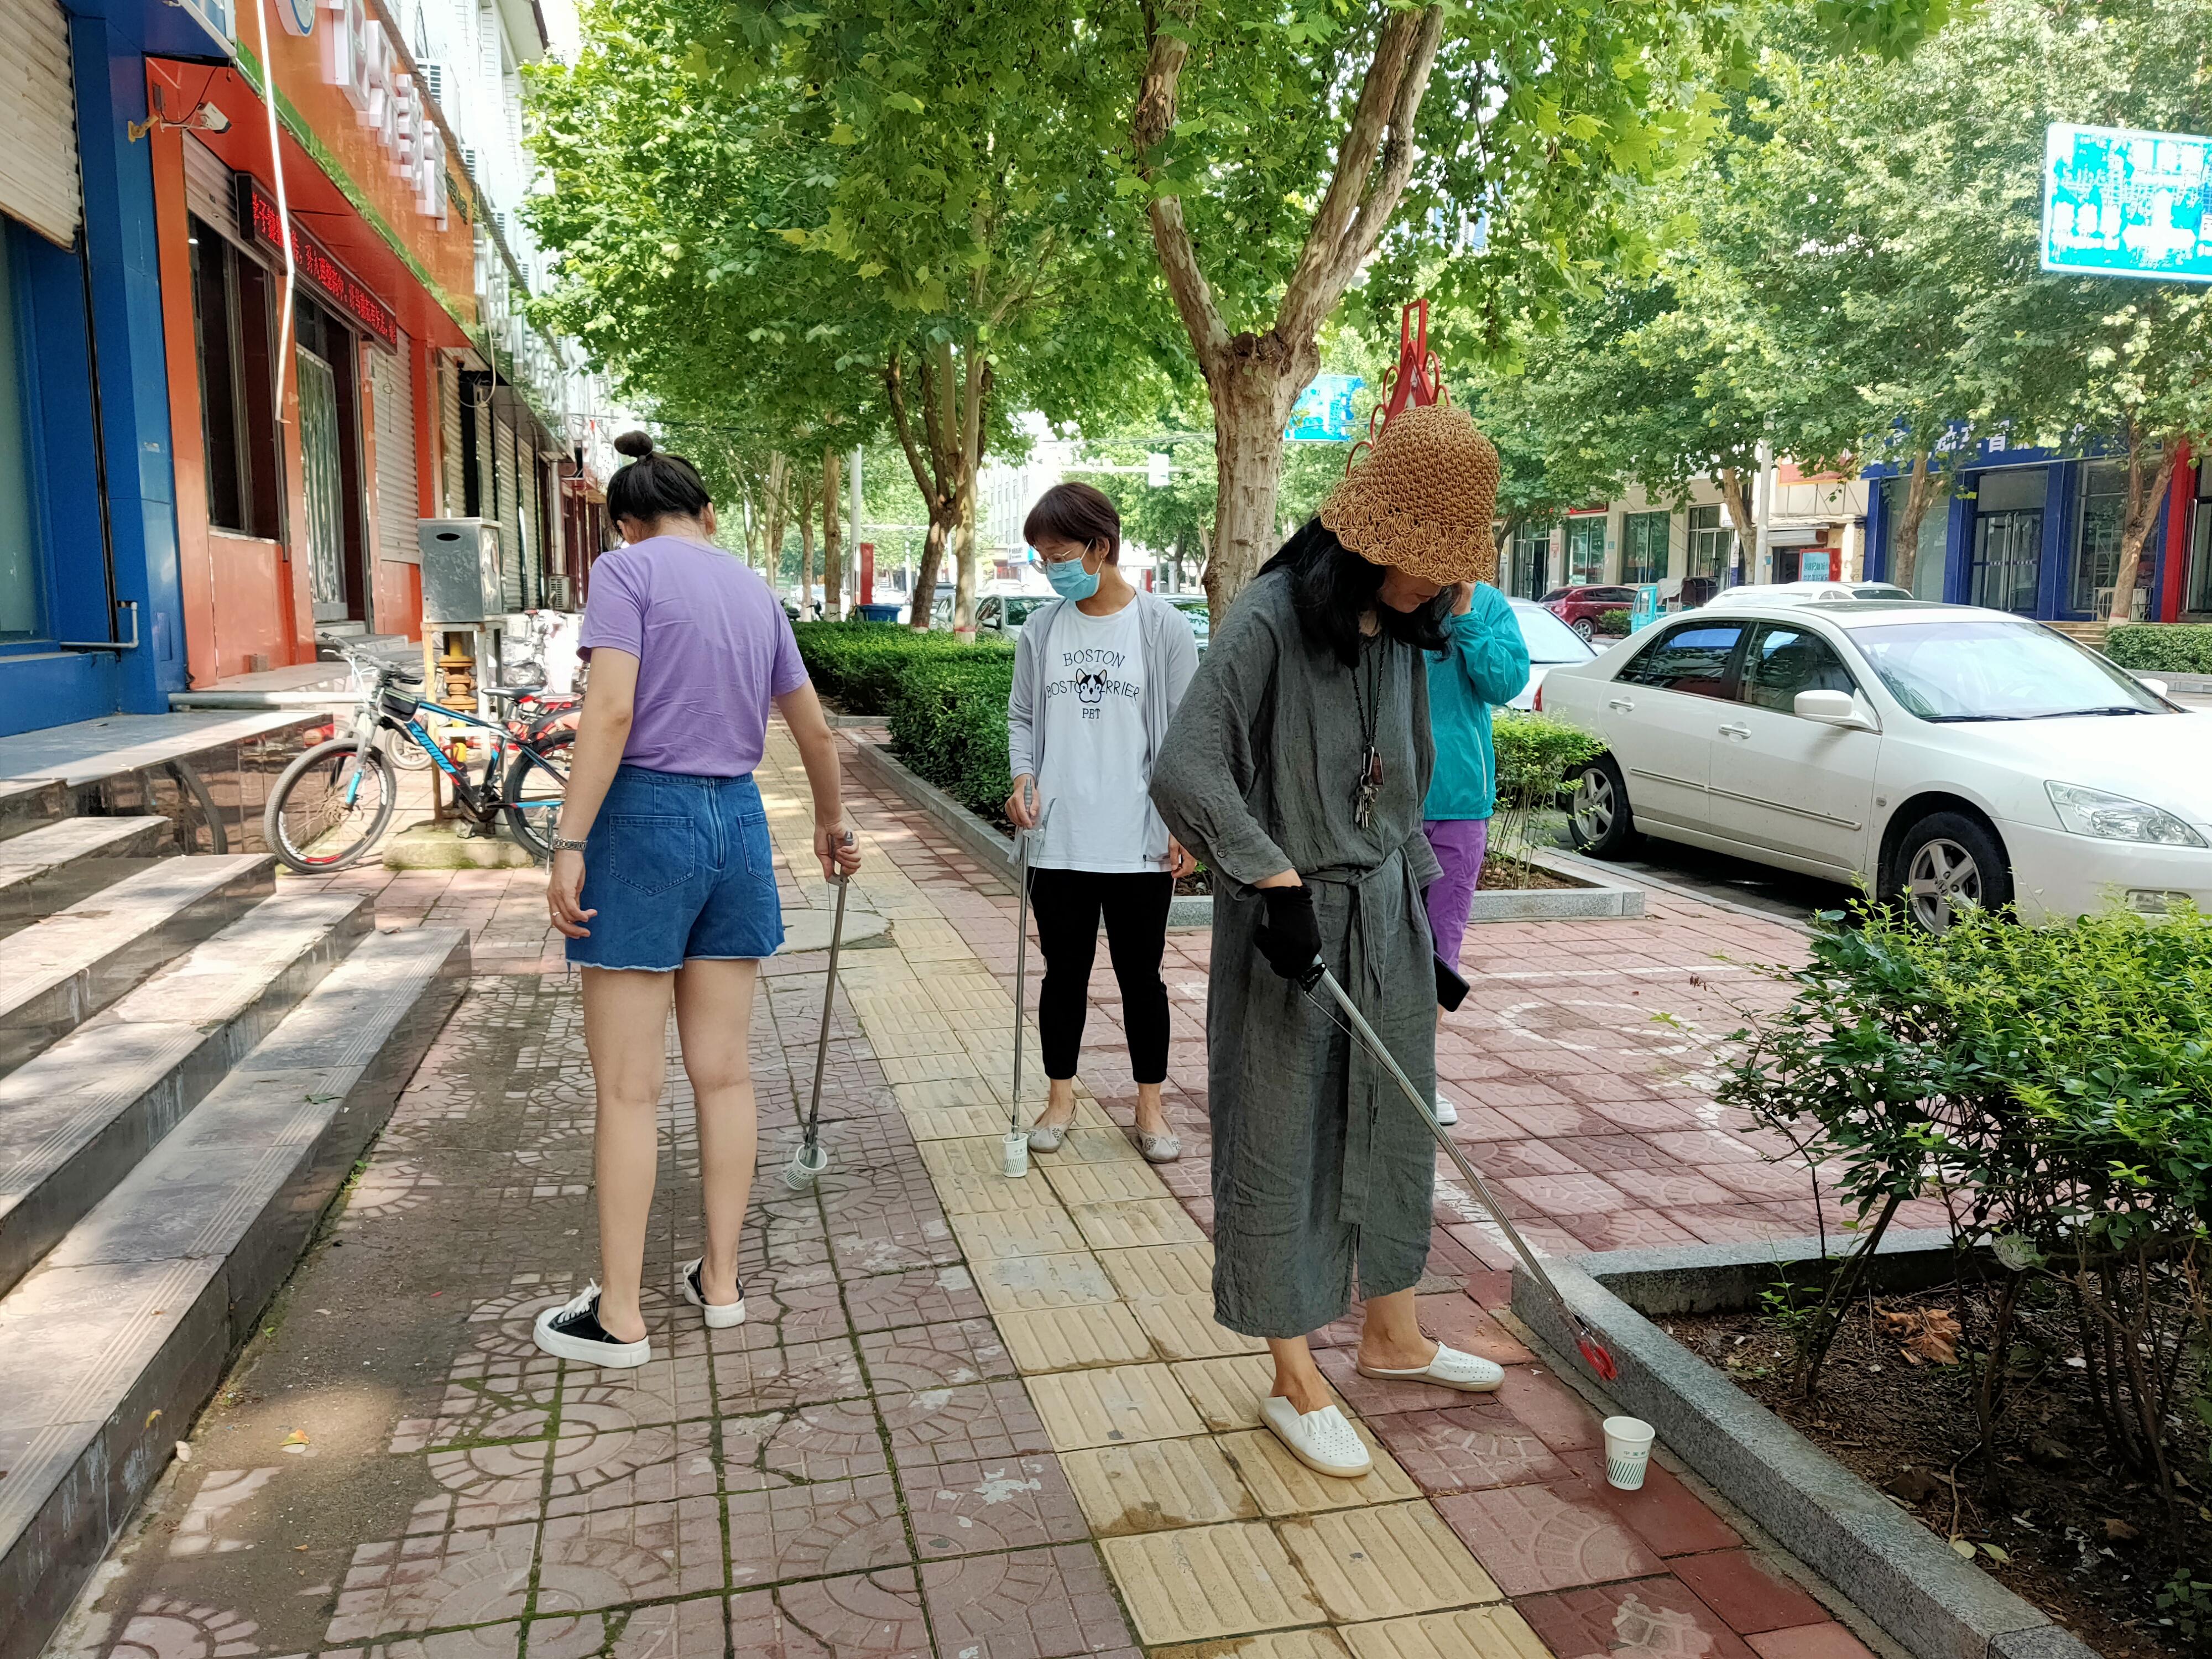 7月13日,文明单位邮政公司组织党员志愿者到分包路段开展道路环境卫生整治.jpg